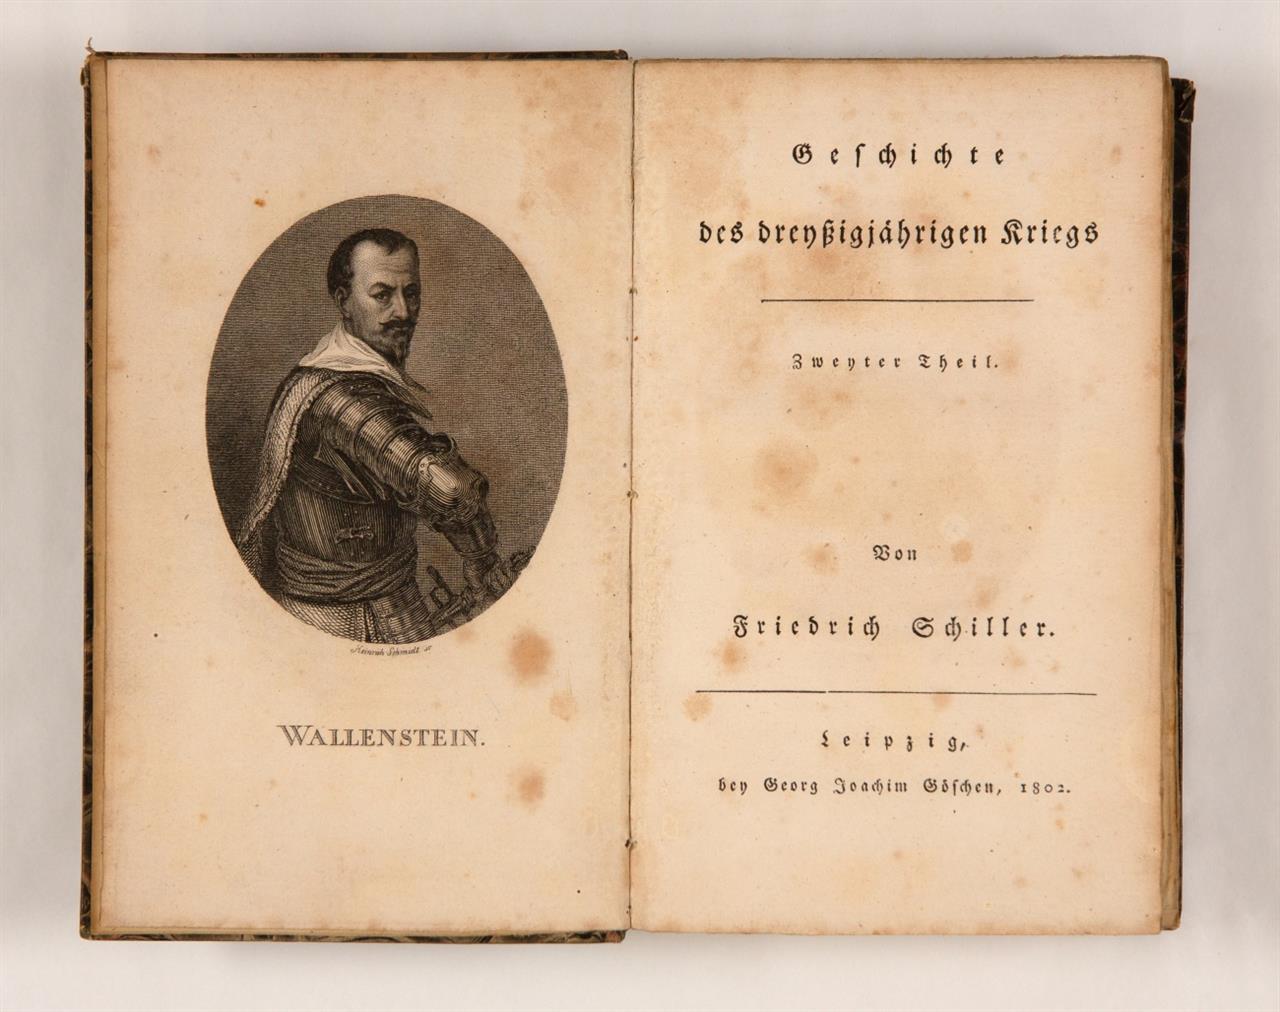 F. Schiller, Geschichte des dreißigjährigen Krieges. 2 Bde. Lpz. 1802.